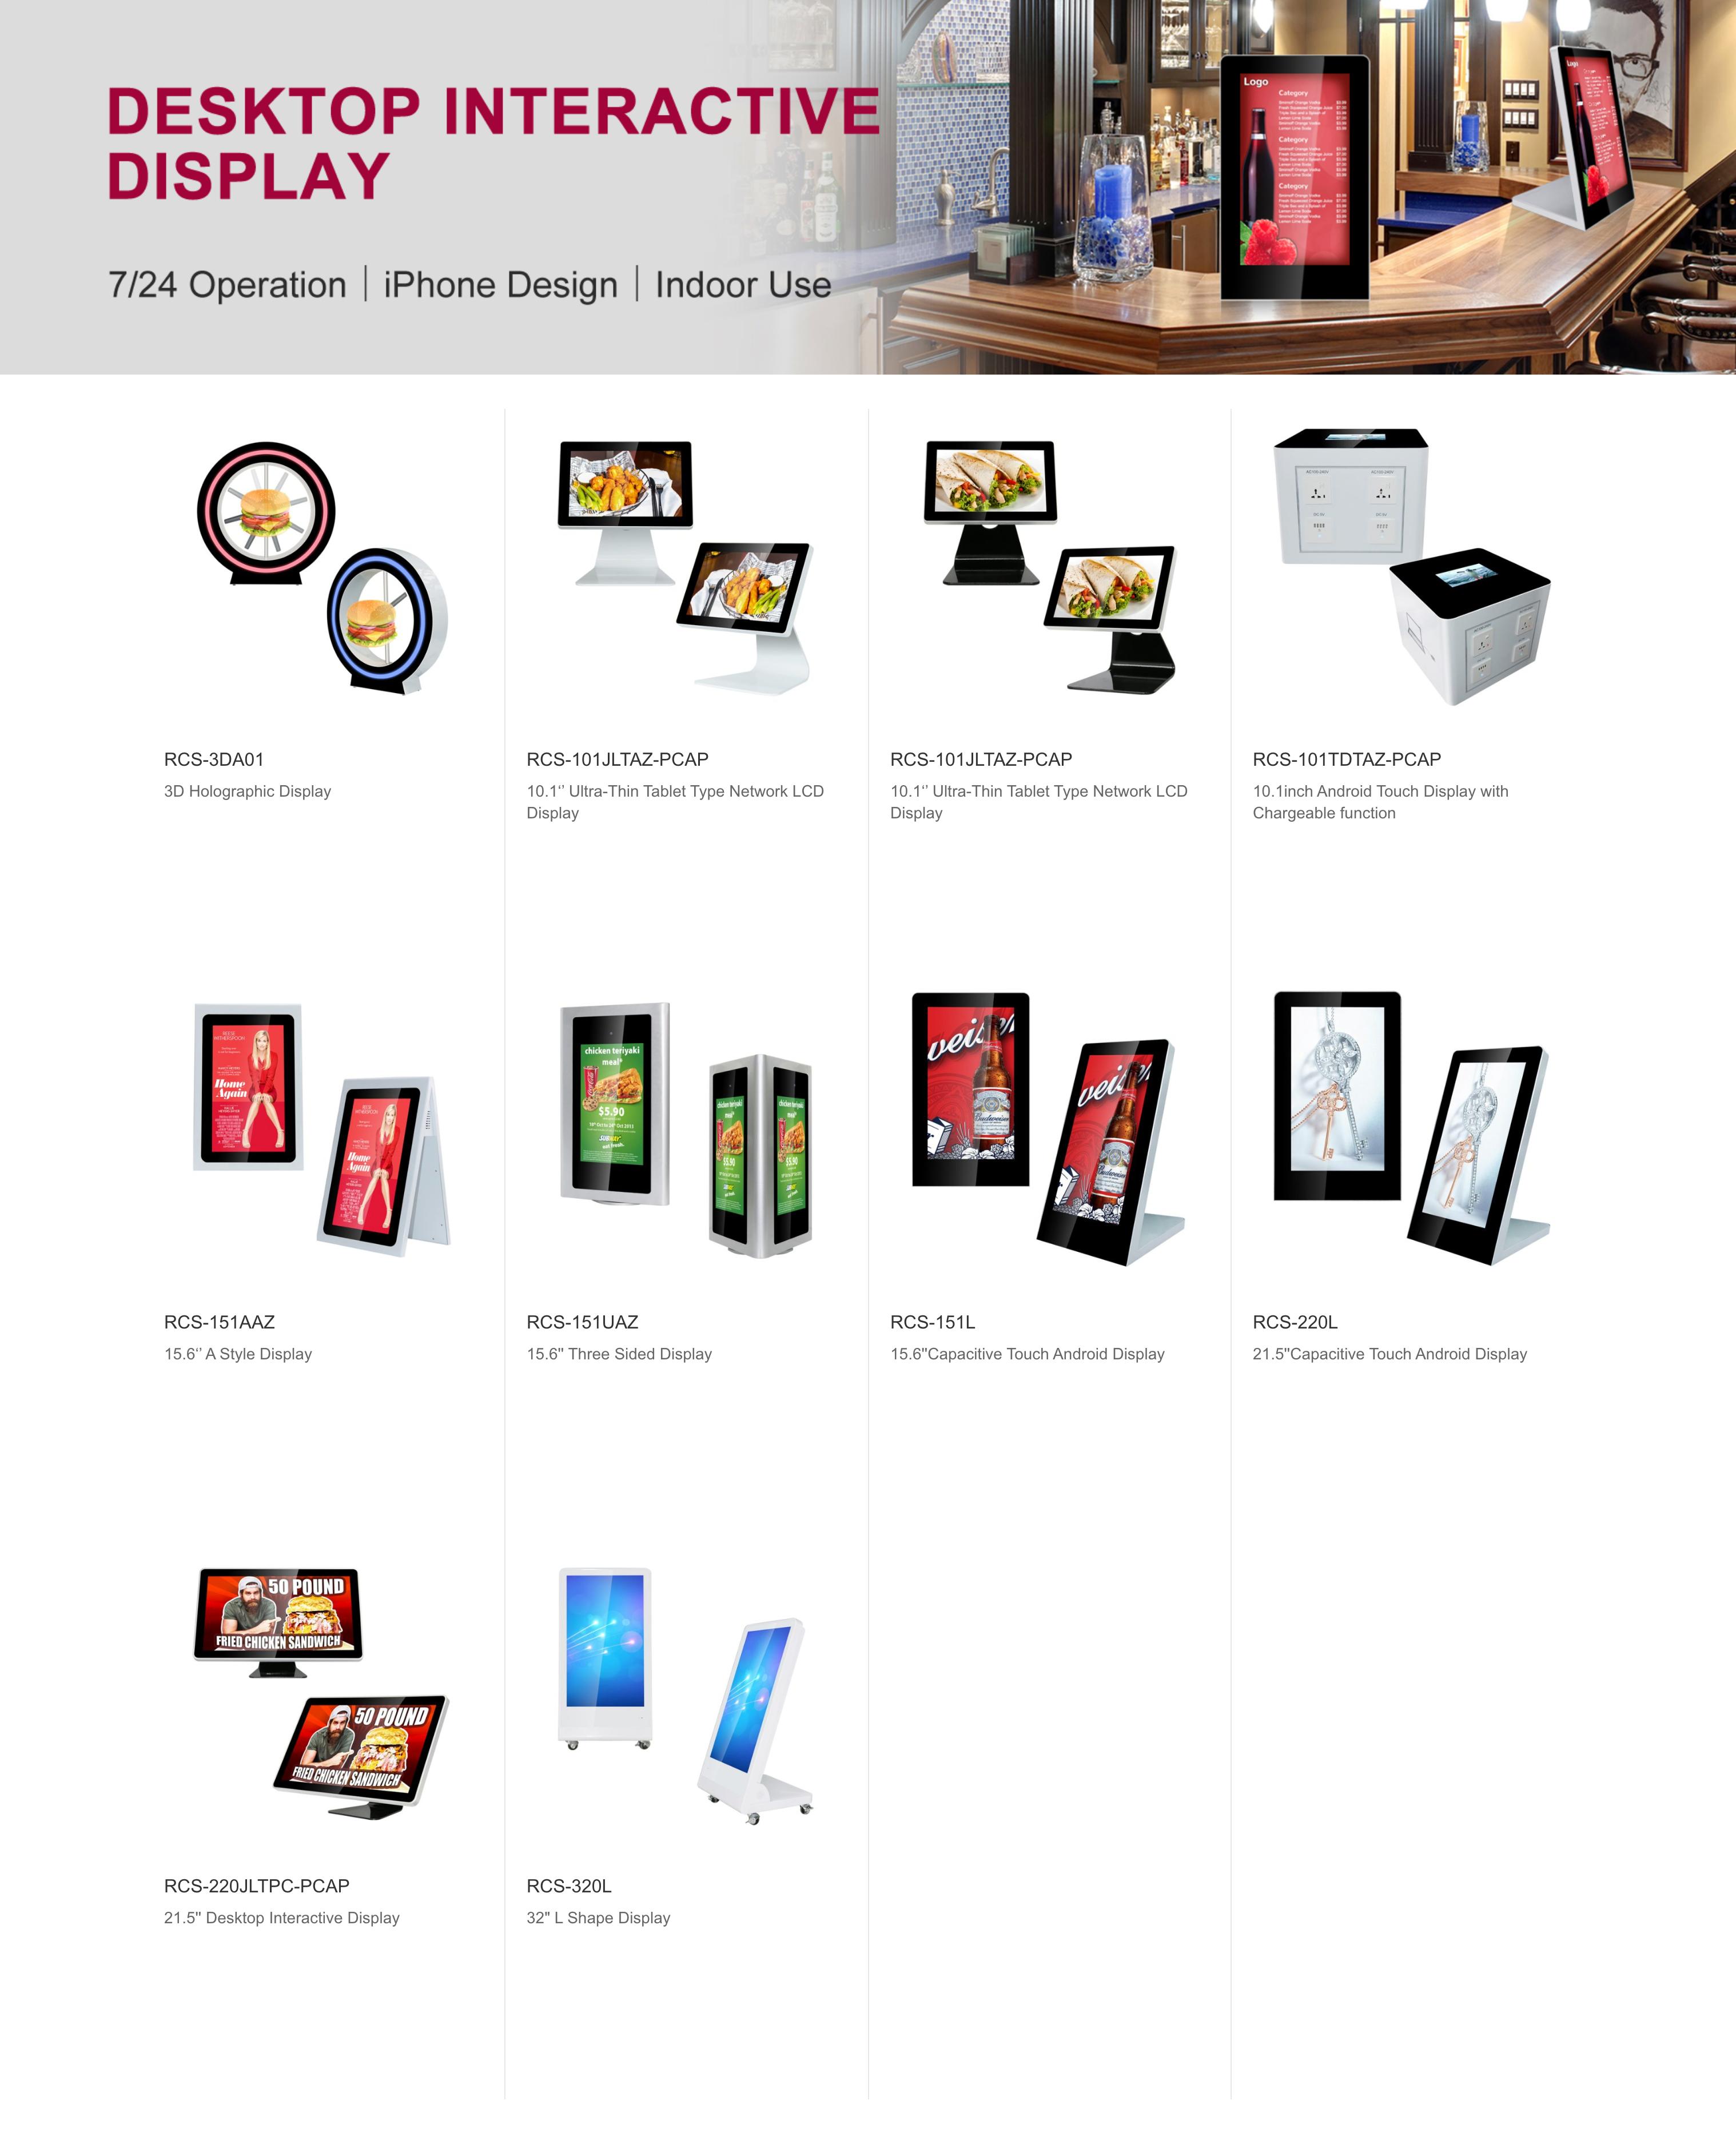 Desktop Interactive Display